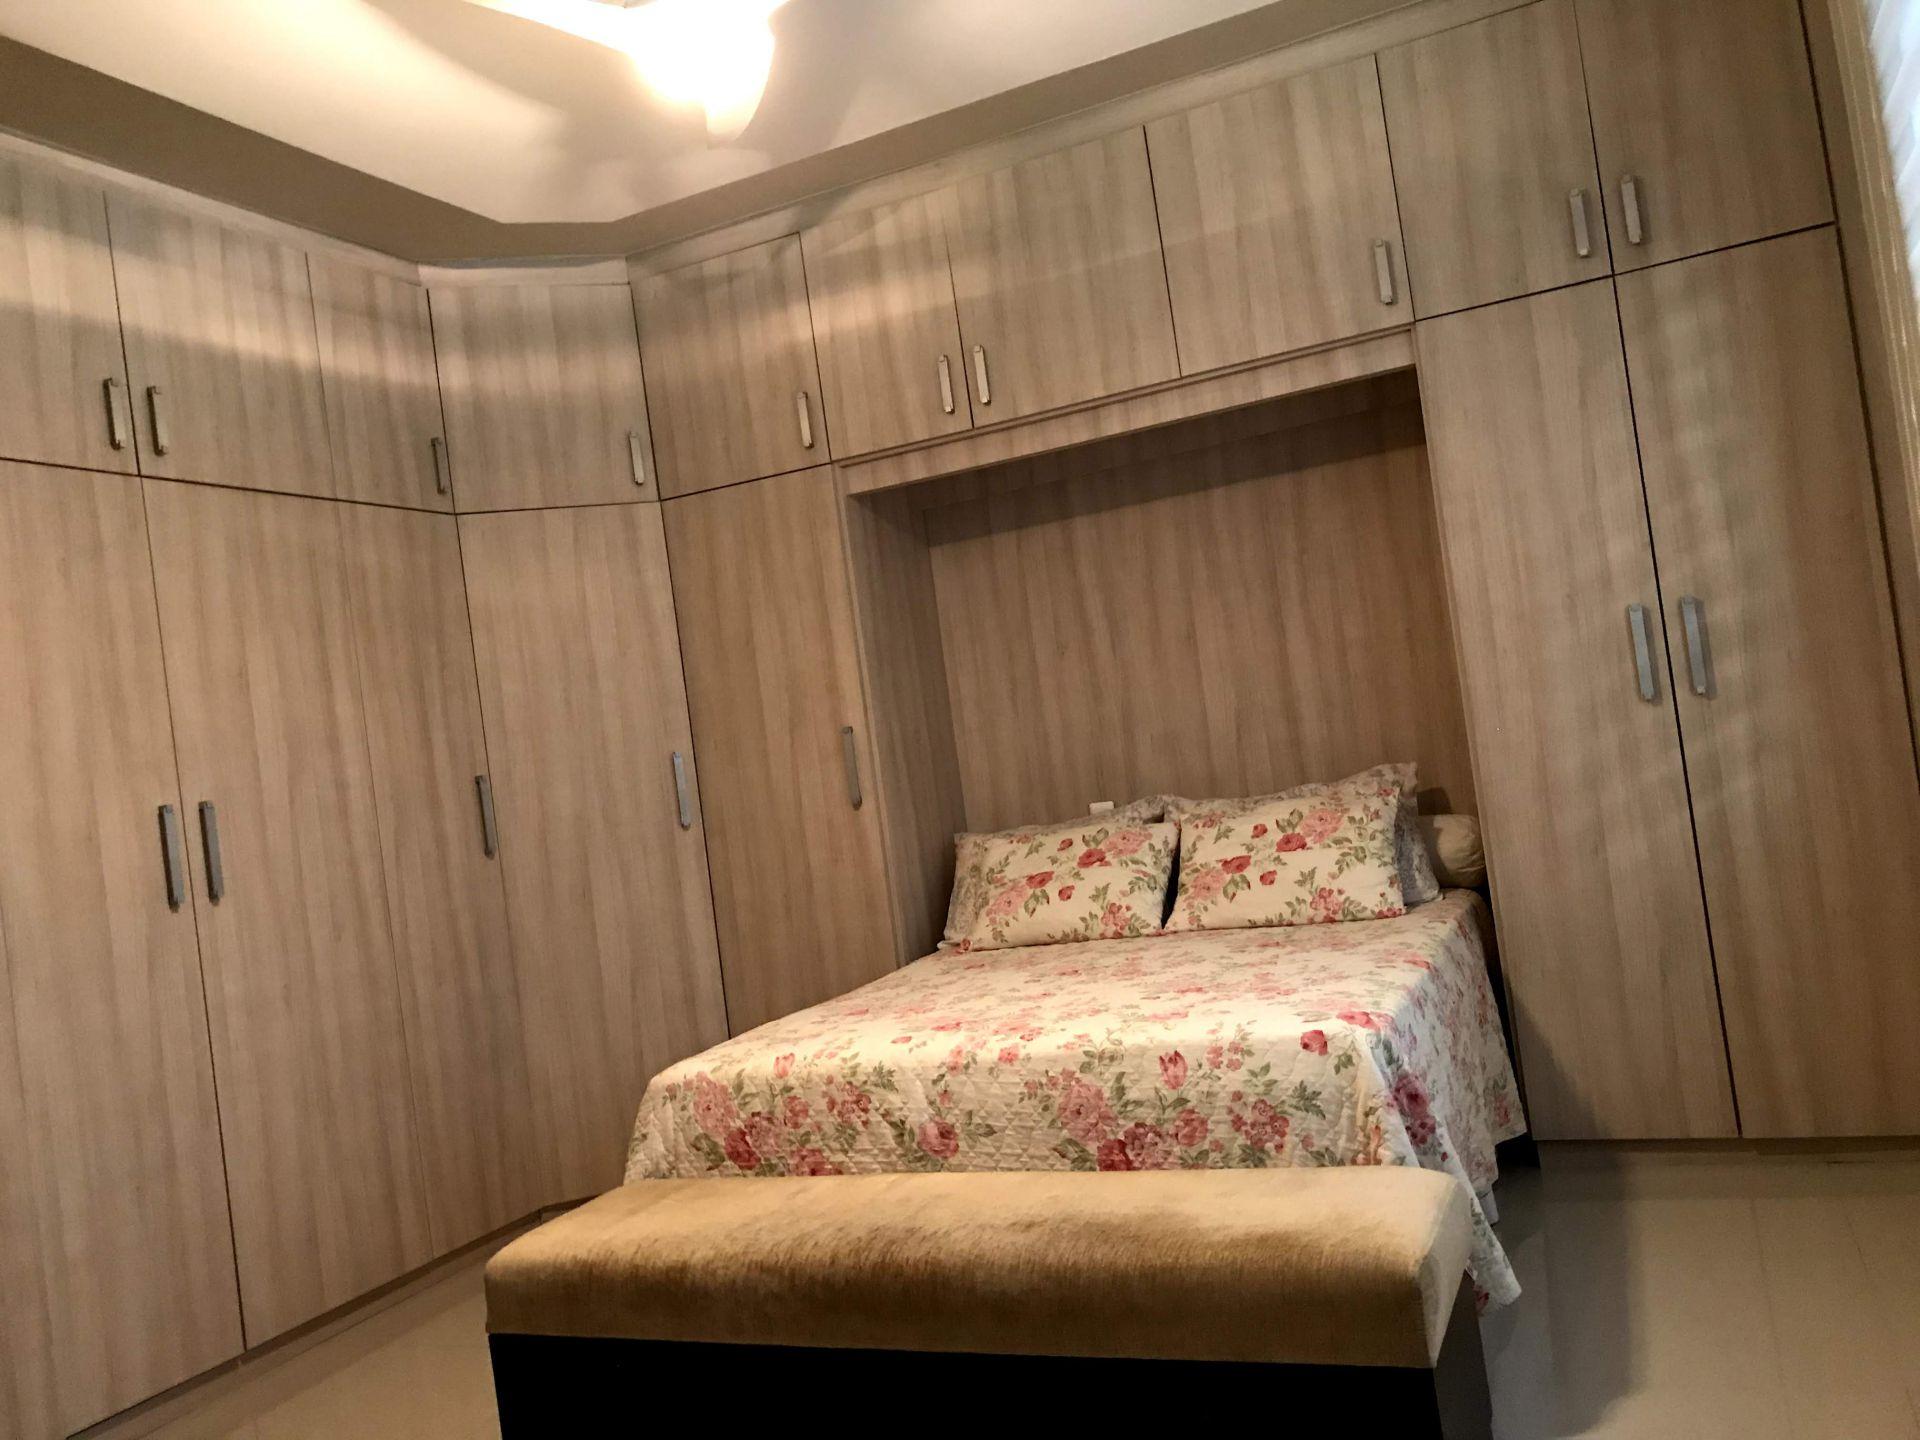 FOTO 8 - Casa em Condomínio à venda Rua Rosário Oeste,Vila Valqueire, Rio de Janeiro - R$ 1.500.000 - RF257 - 9